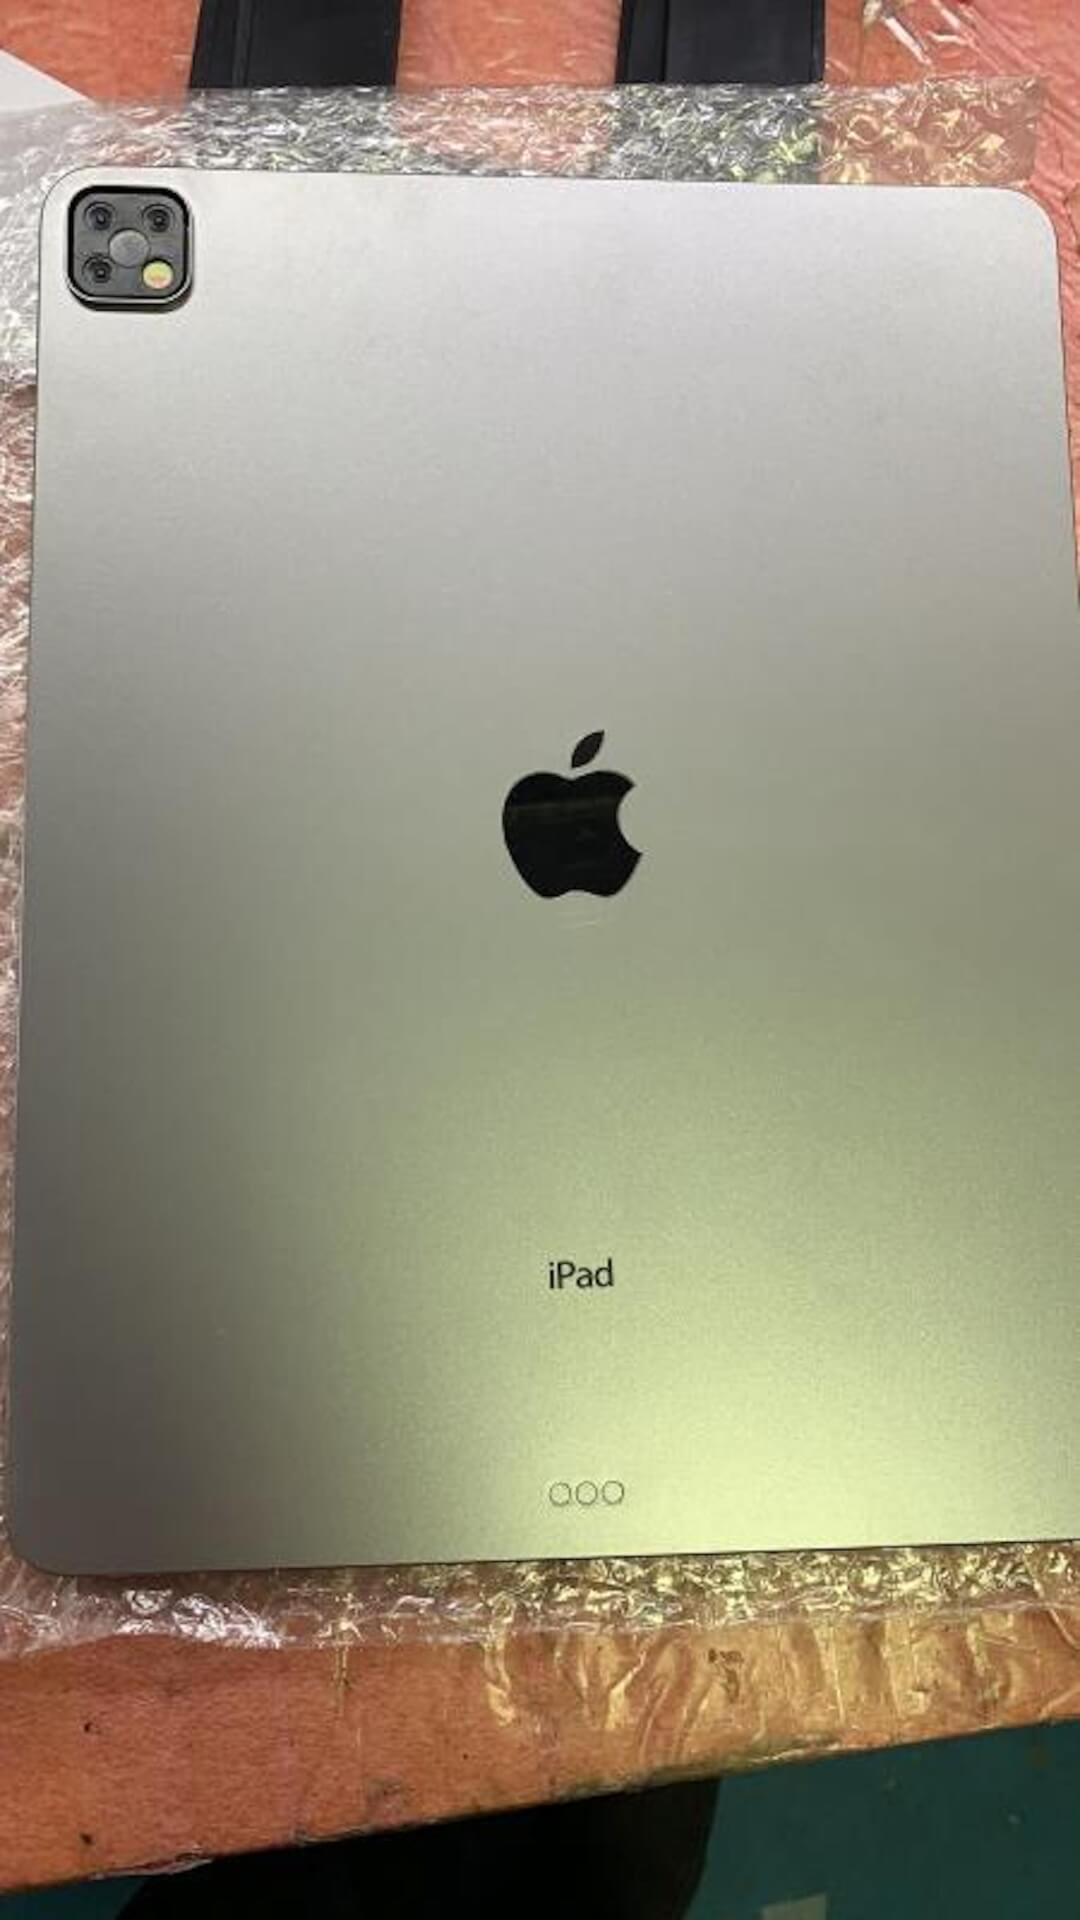 新型iPad Pro、iPhone 11 Proシリーズ同様トリプルカメラ搭載か?モックアップ画像が話題 tech190918_ipadpro_triplecamera_1